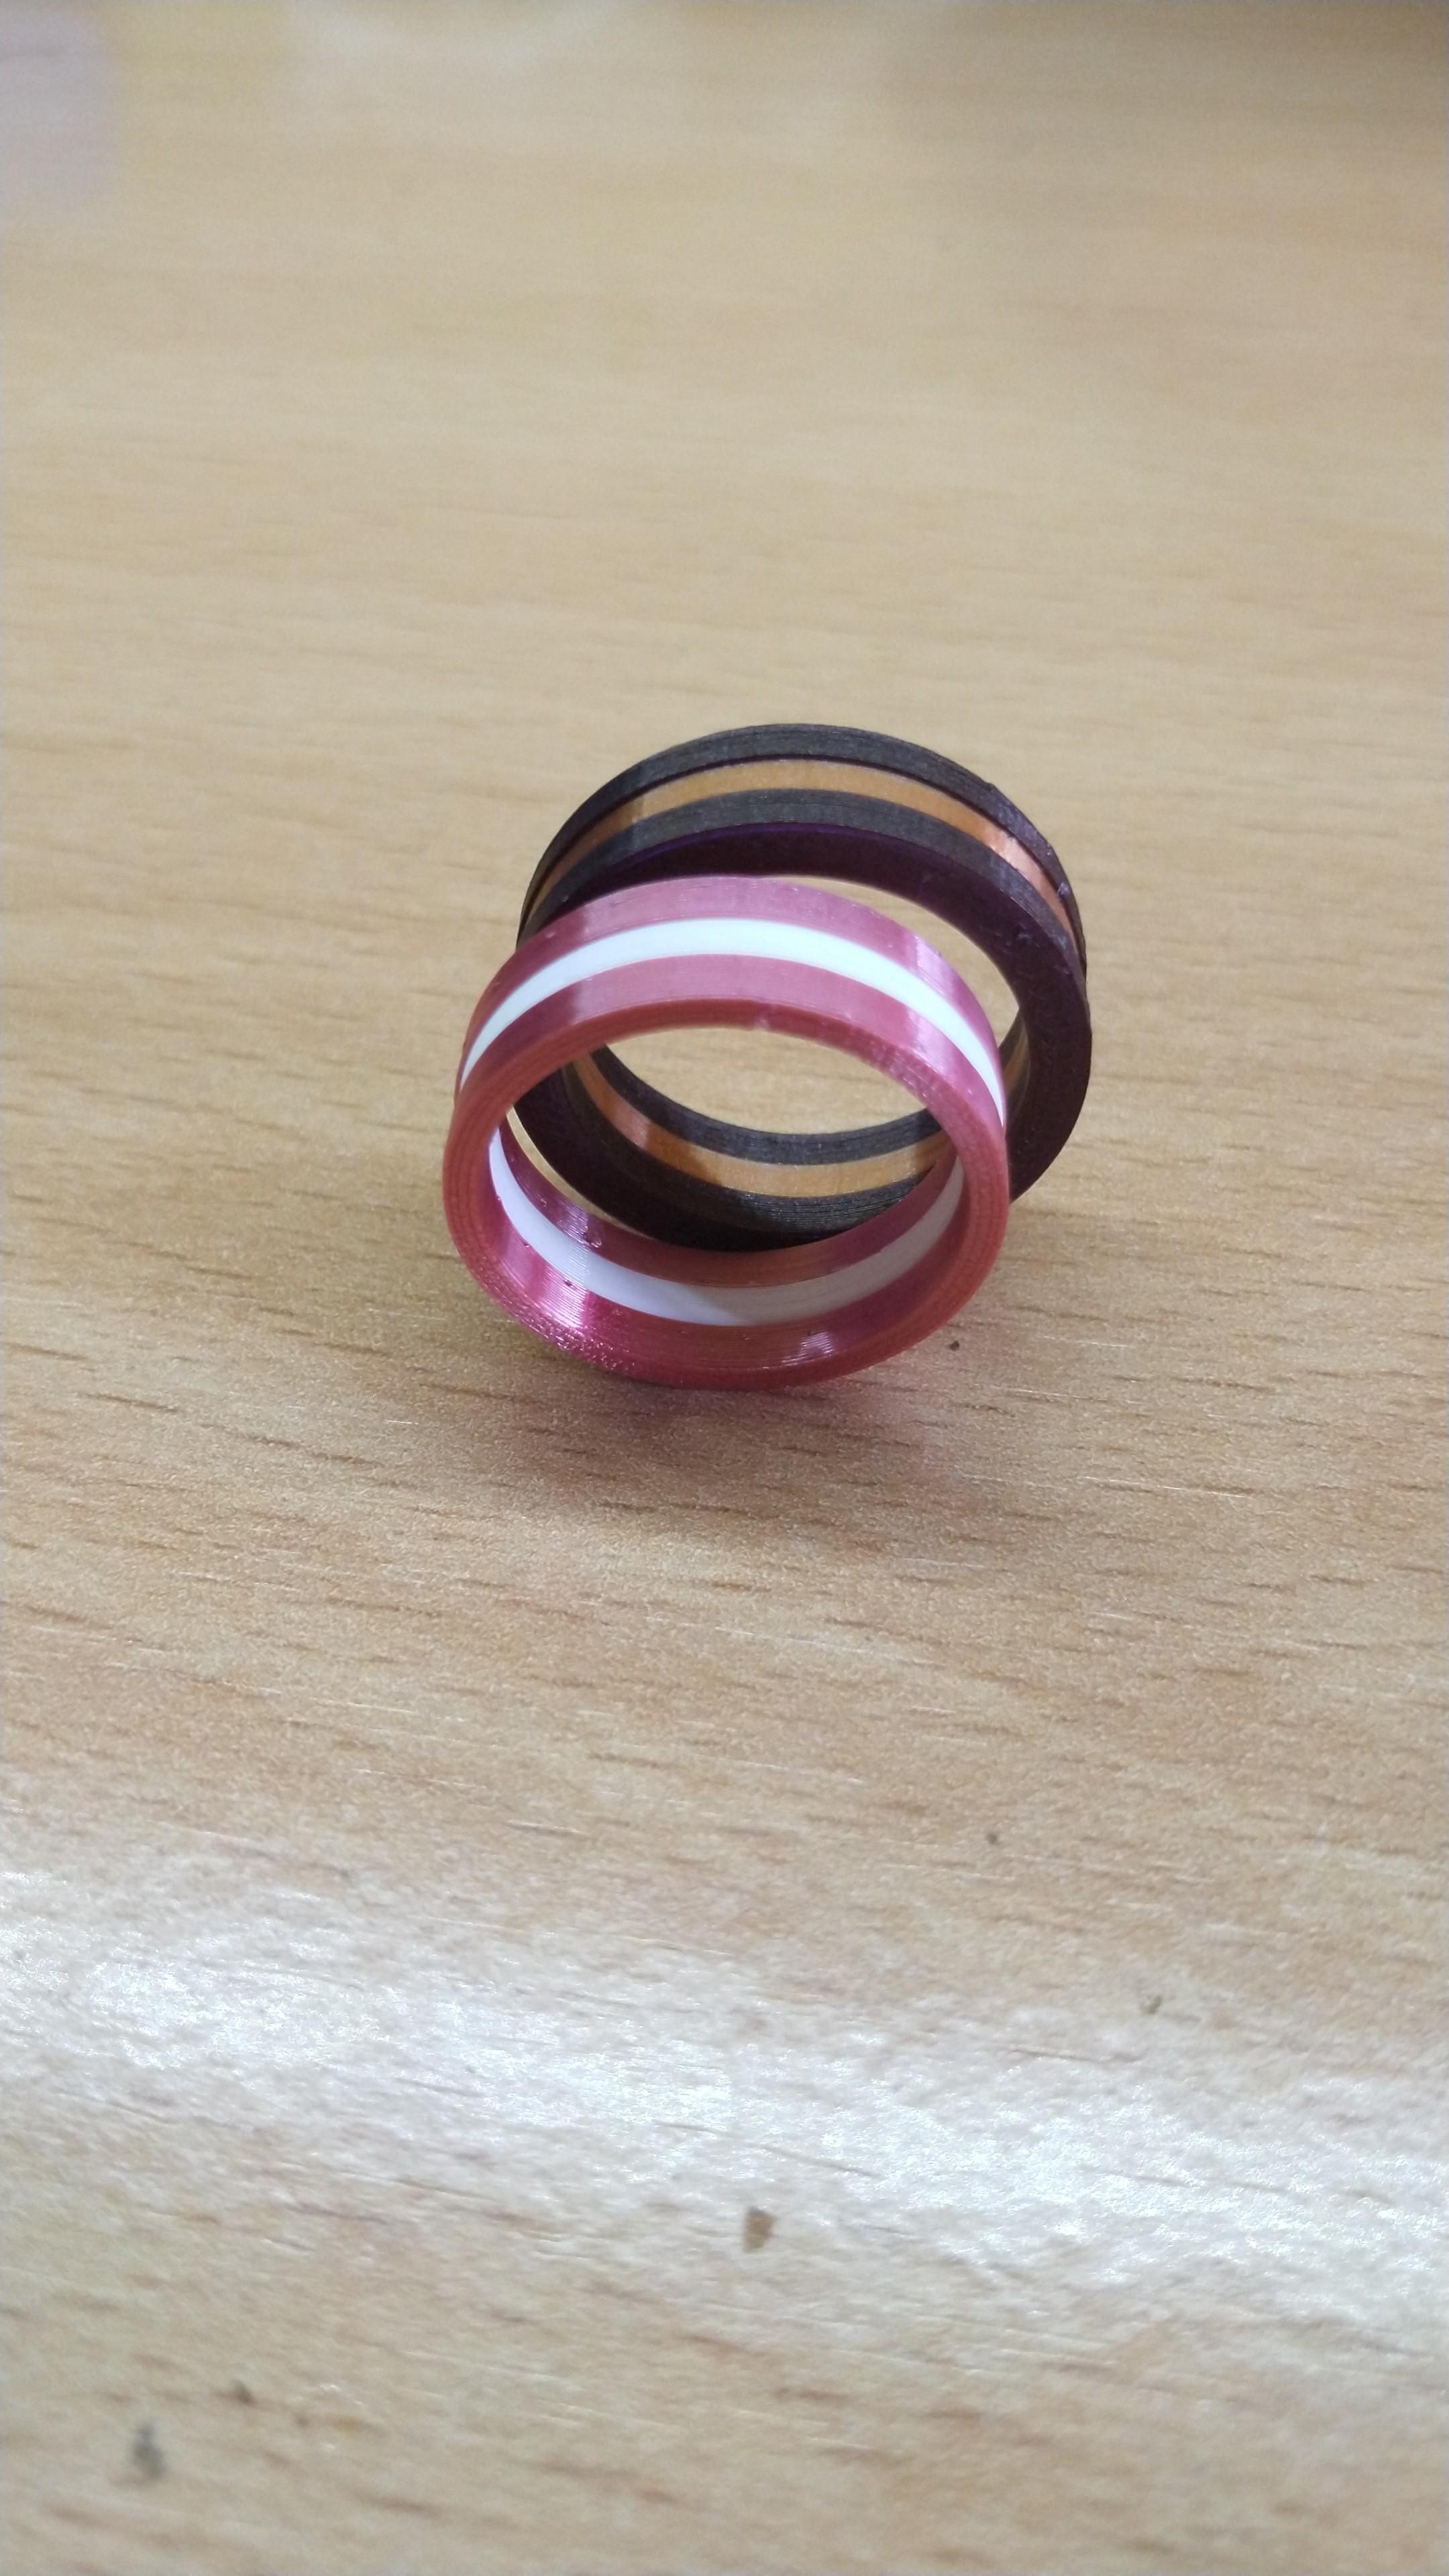 anillos 1.jpg Télécharger fichier STL gratuit Anillo / Ring • Objet imprimable en 3D, amg3D